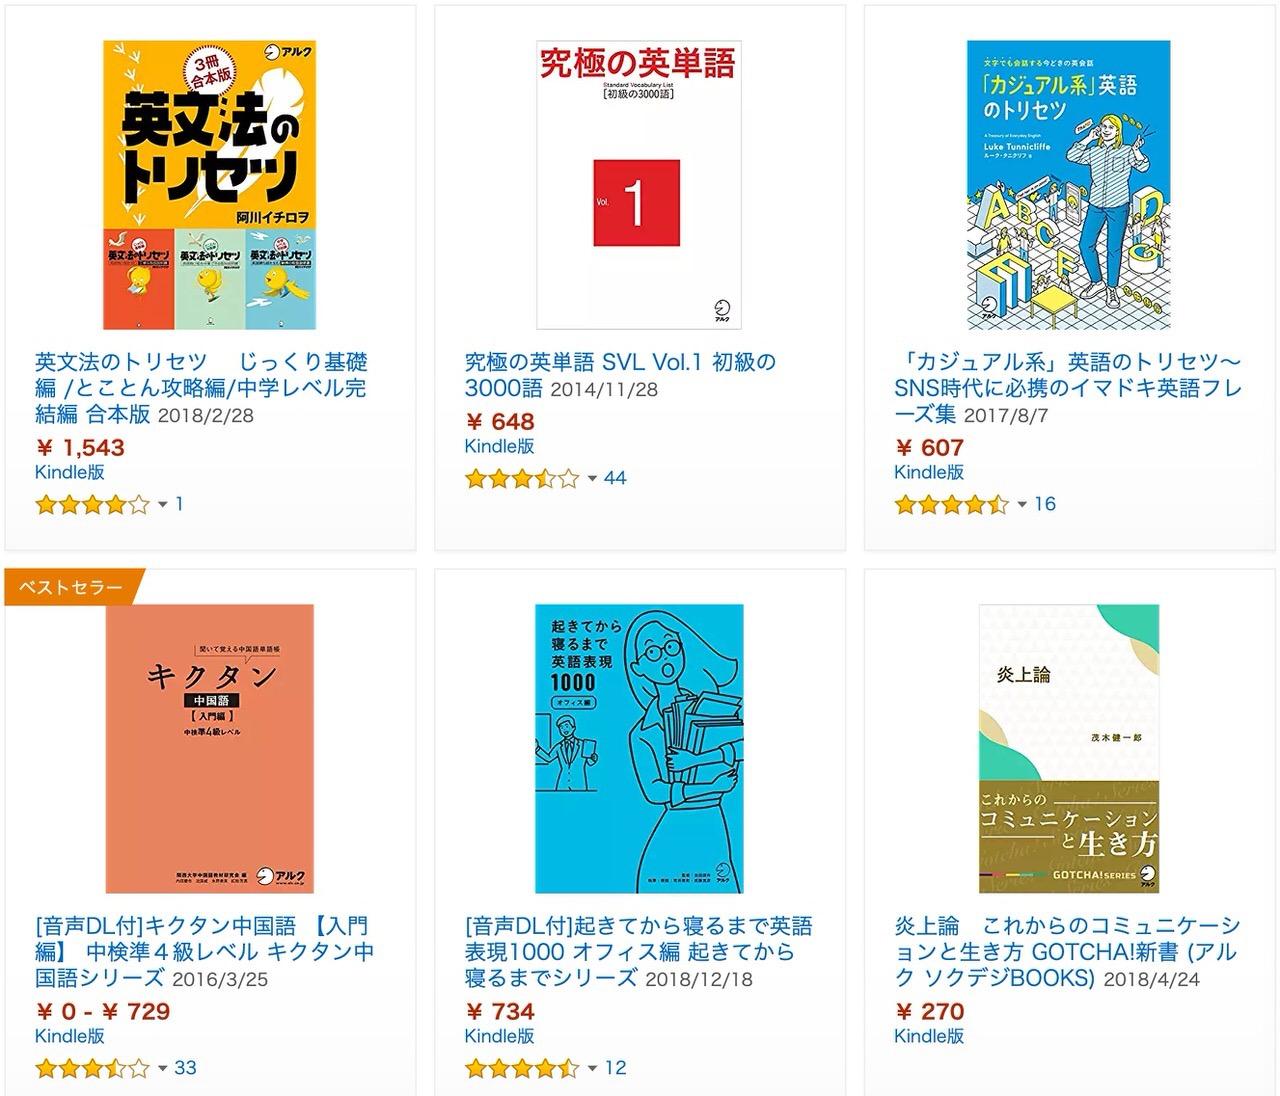 【Kindle】英語の本が対象「アルク春のおすすめ本フェア」(4/4まで)